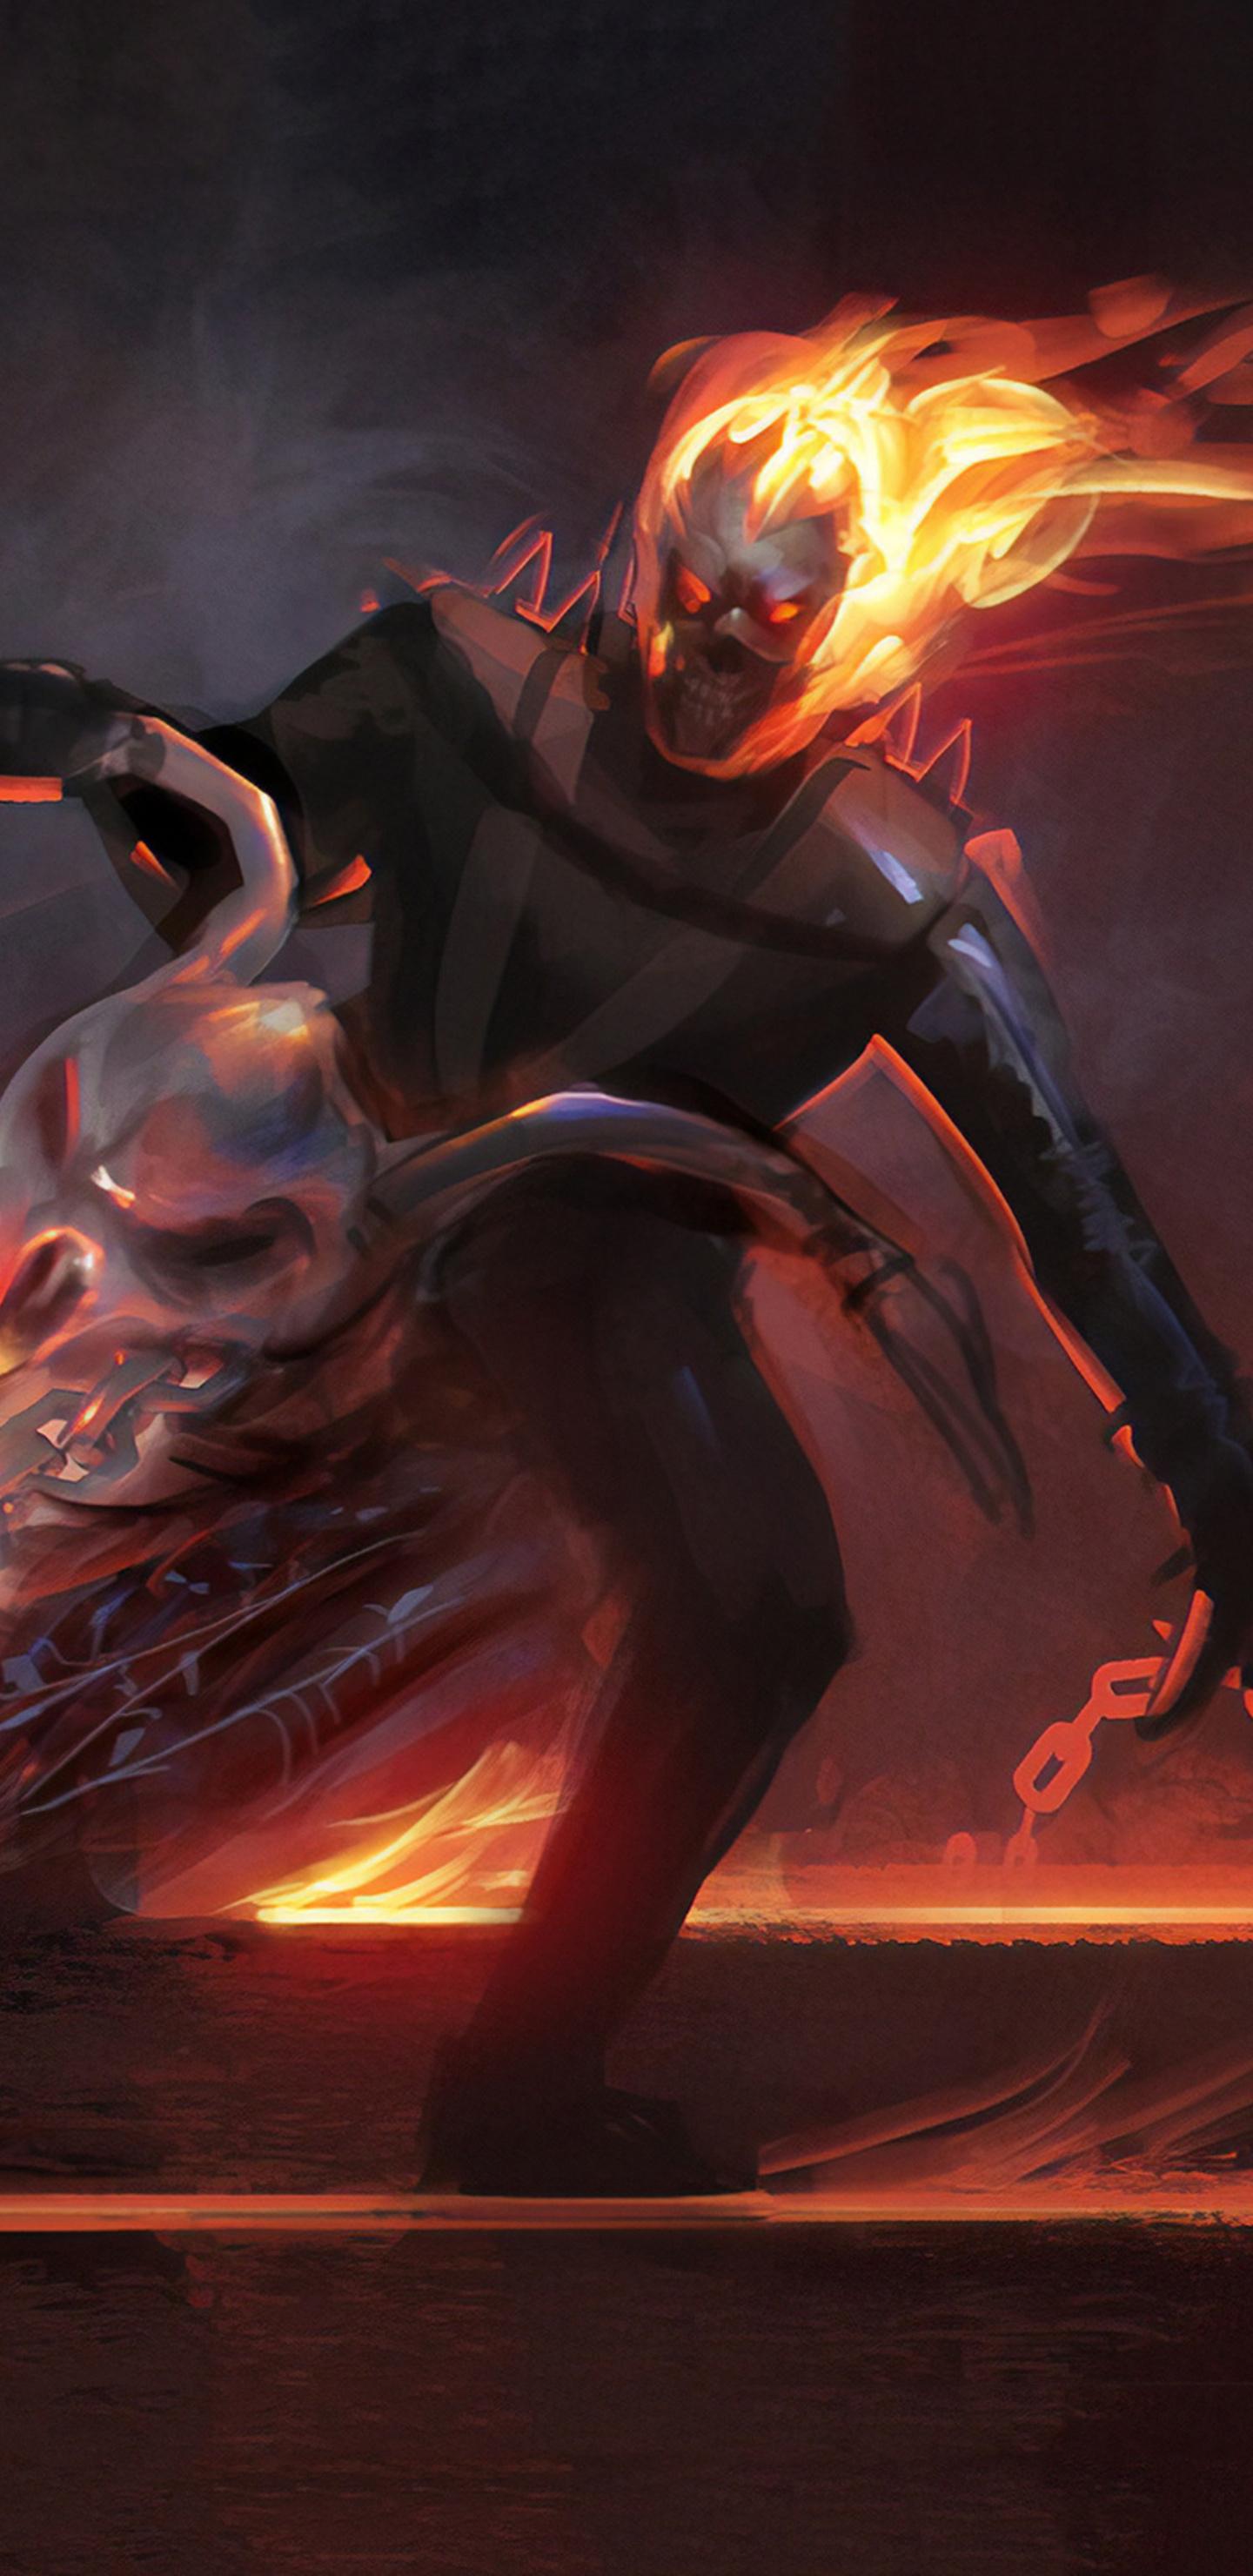 1440x2960 Ghost Rider Spirit Of Vengeance Game Samsung Galaxy Note